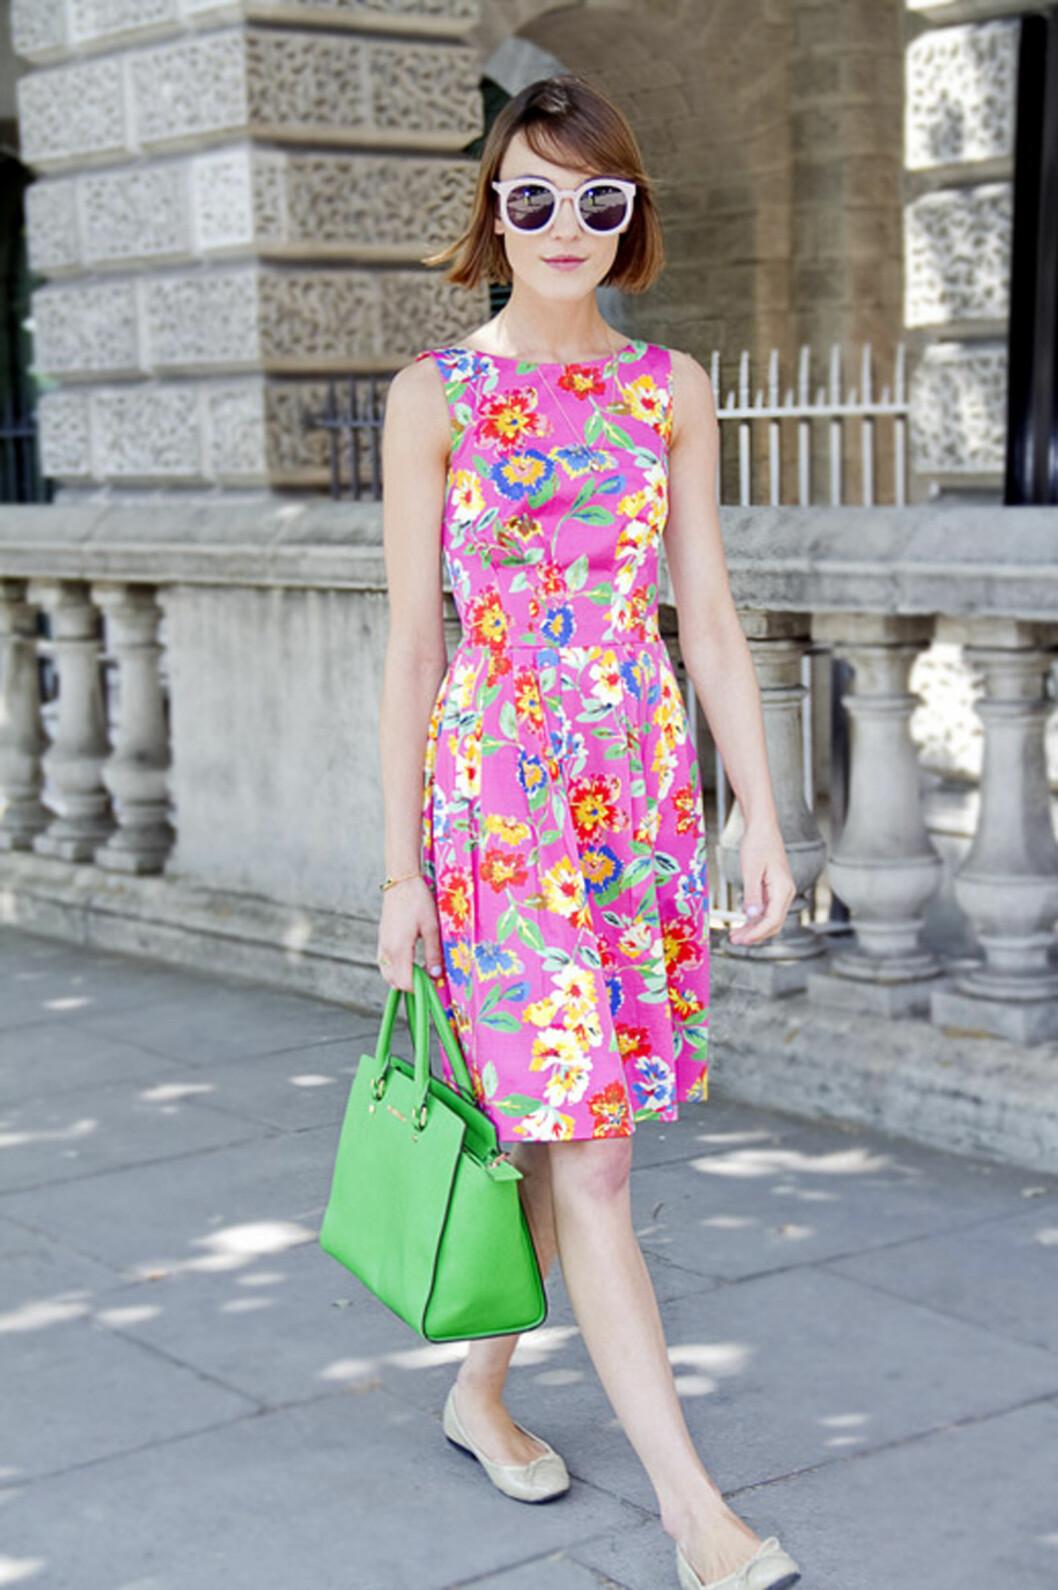 Stilikon Ella Catliff i blomstret kjole fra Kate Spade, solbriller fra Karen Walker og en knall grønn veske fra Michael Kors.  Foto: REX/Holly McGlynn/All Over Press